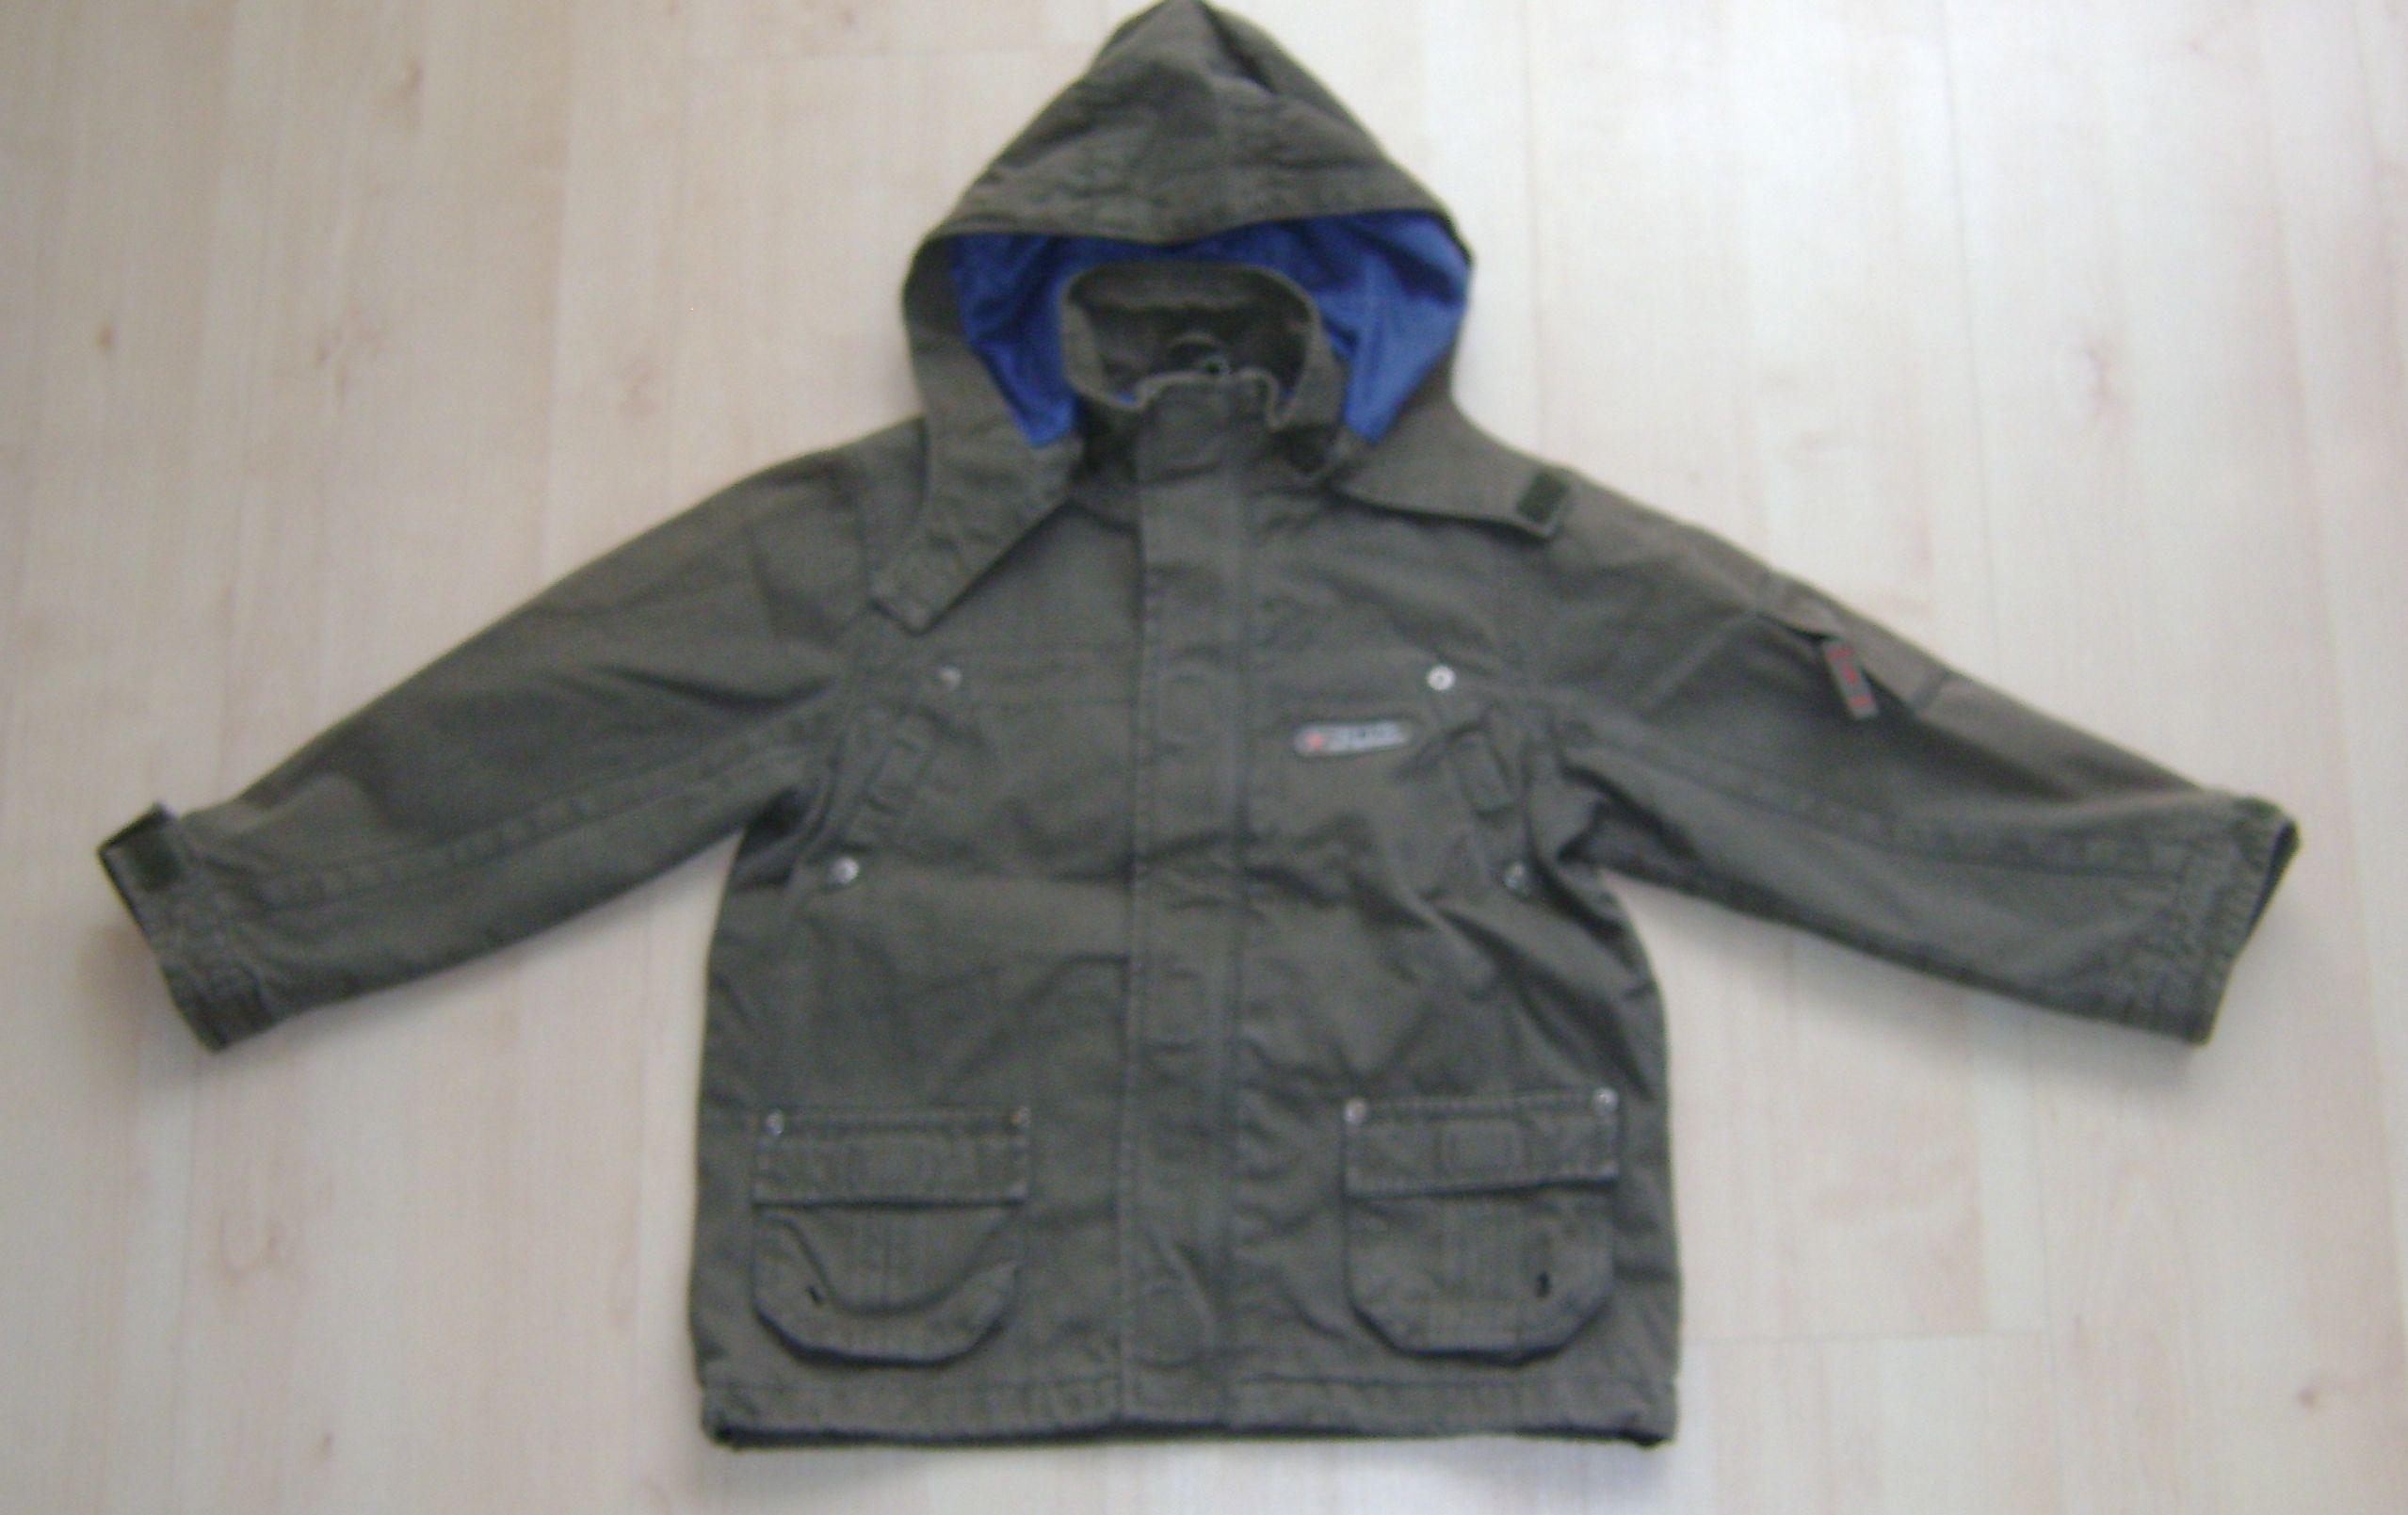 CAMPUS kurtka dla chłopca wiosna ROZ 110